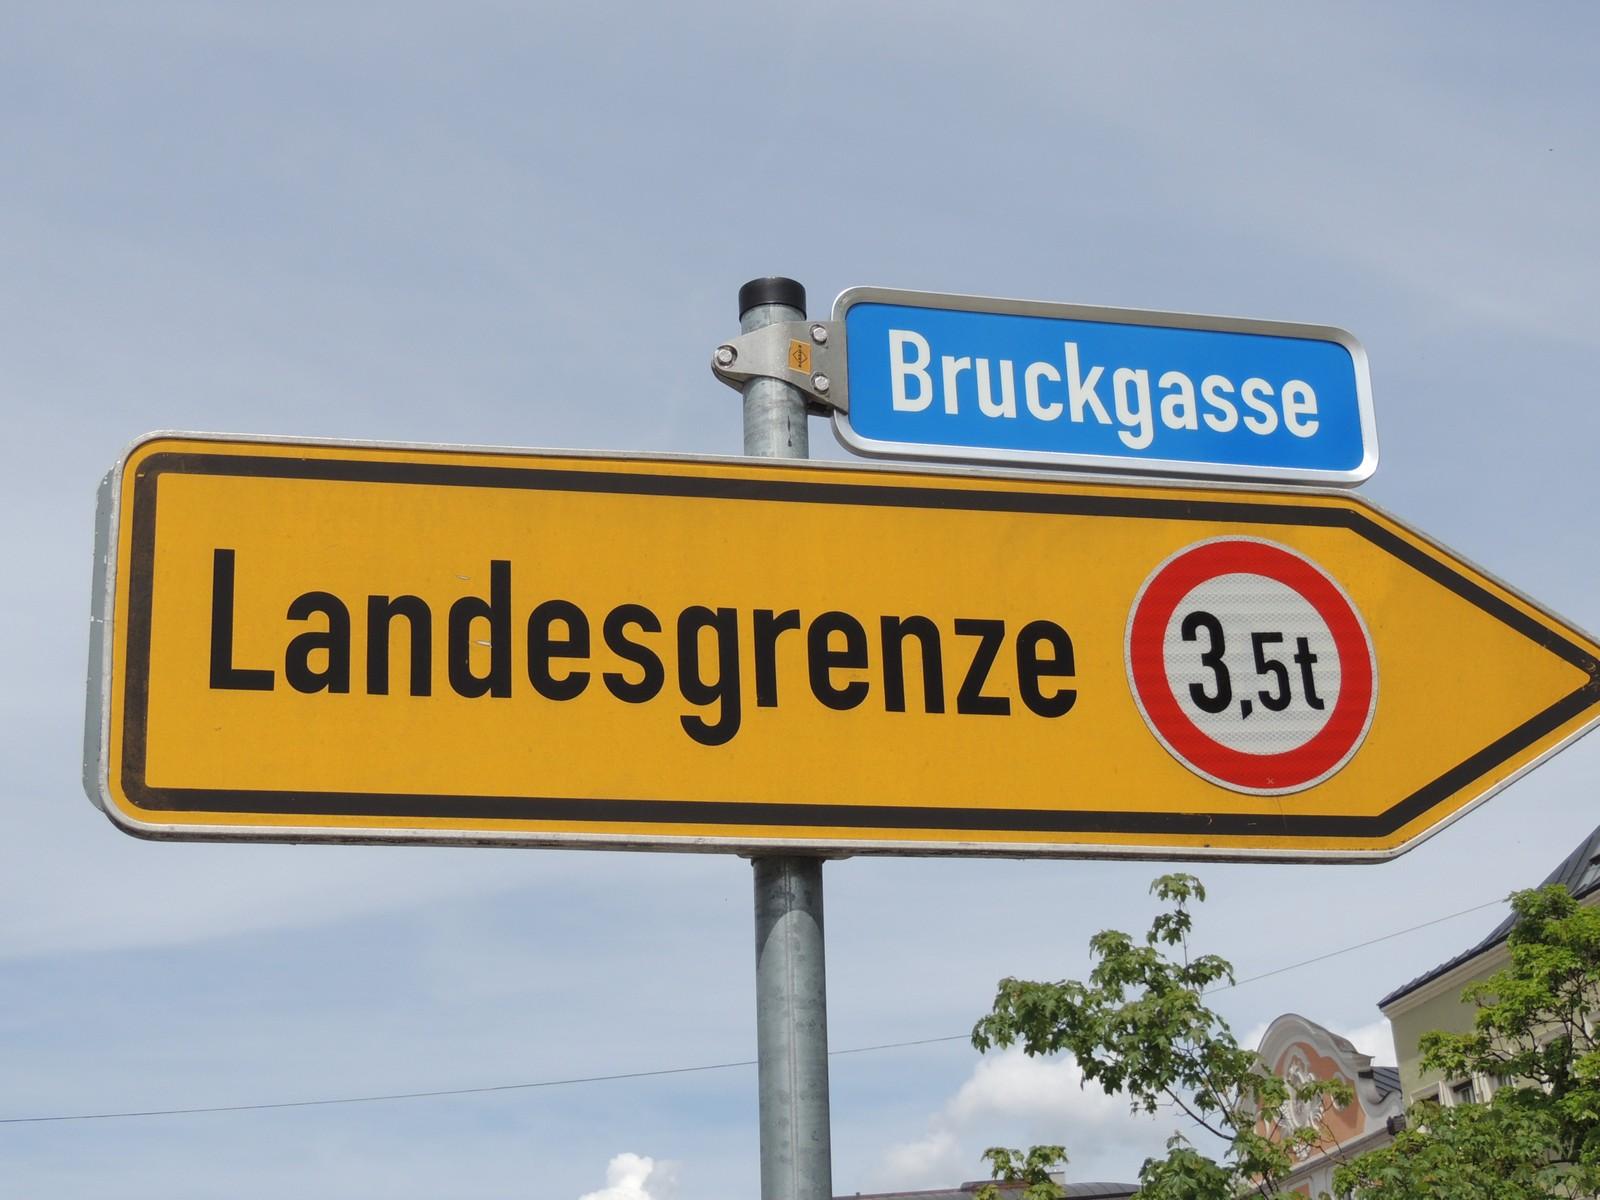 Wegweiser zur Landesgrenze - Bruckgasse Burghausen